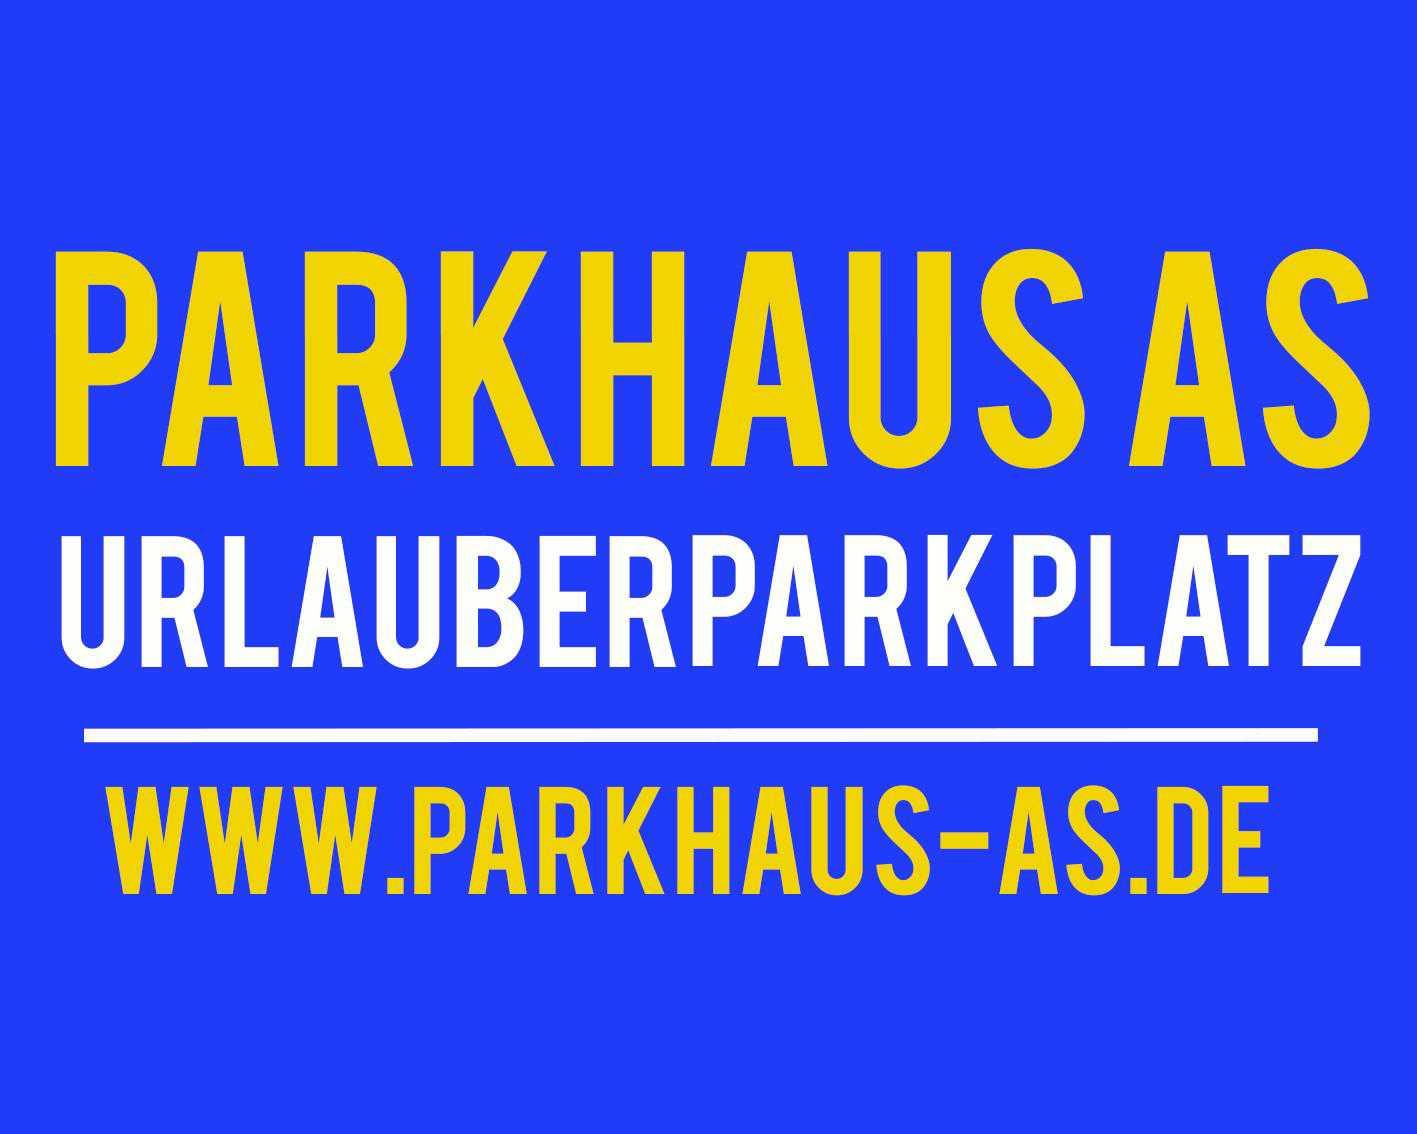 Parkhaus AS